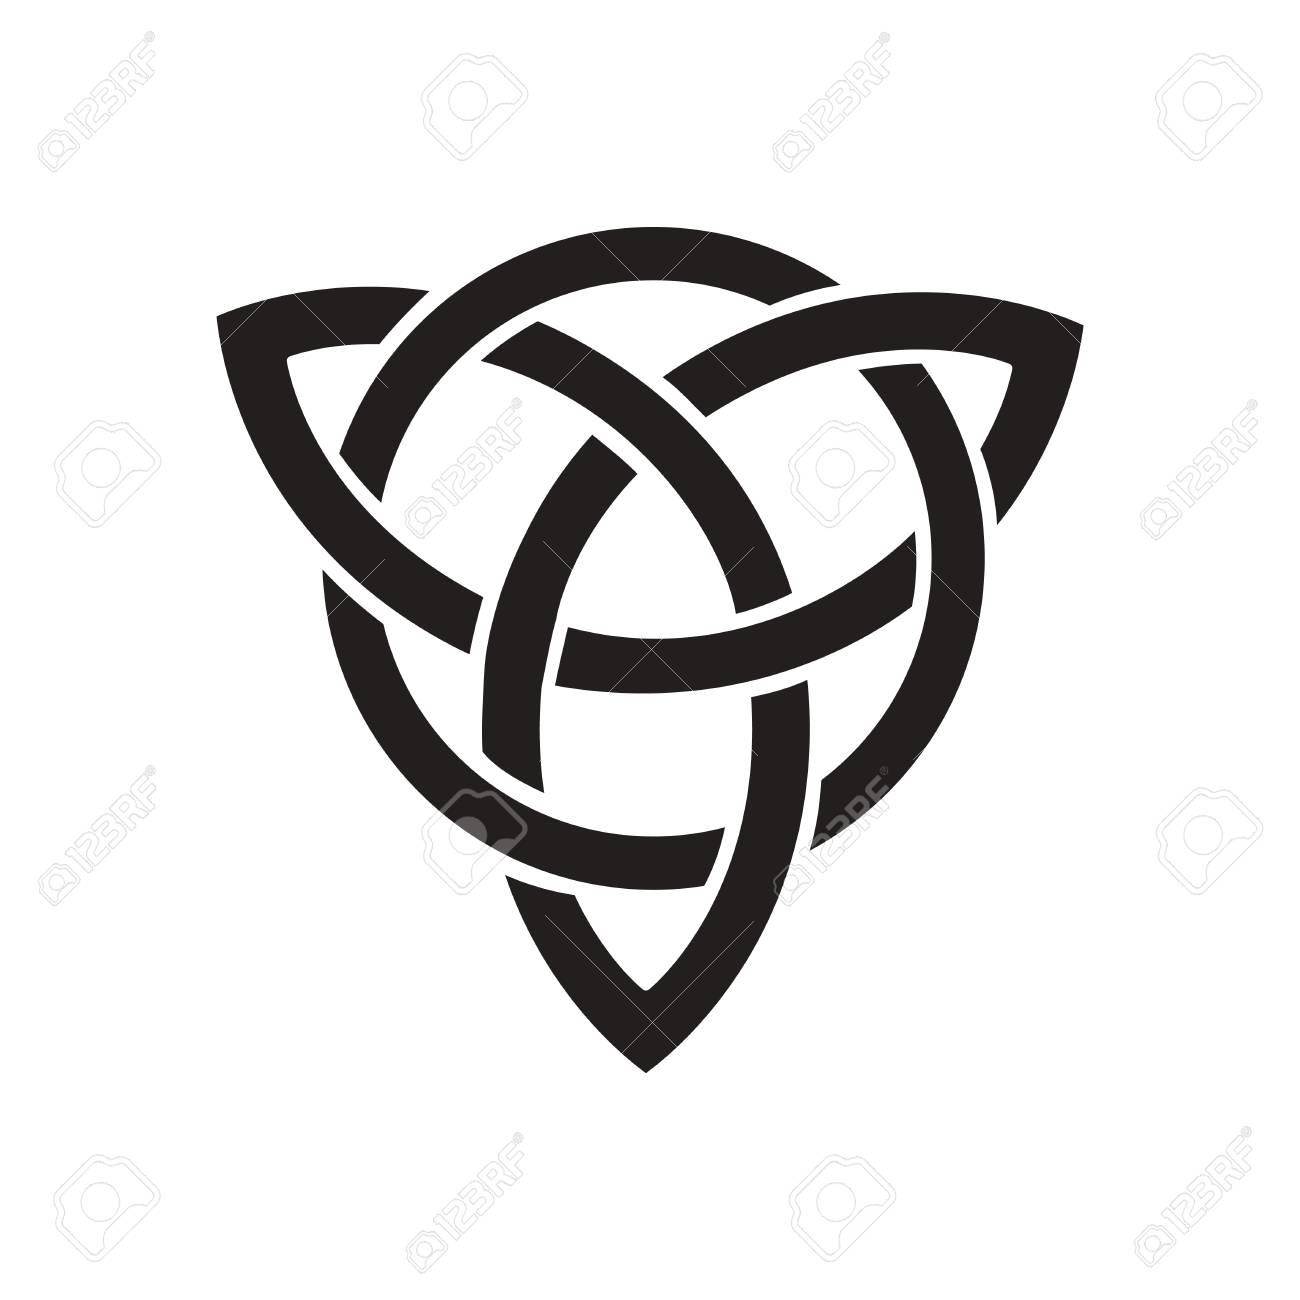 Flache Symbol In Schwarz Und Weiß Keltisches Symbol Lizenzfrei